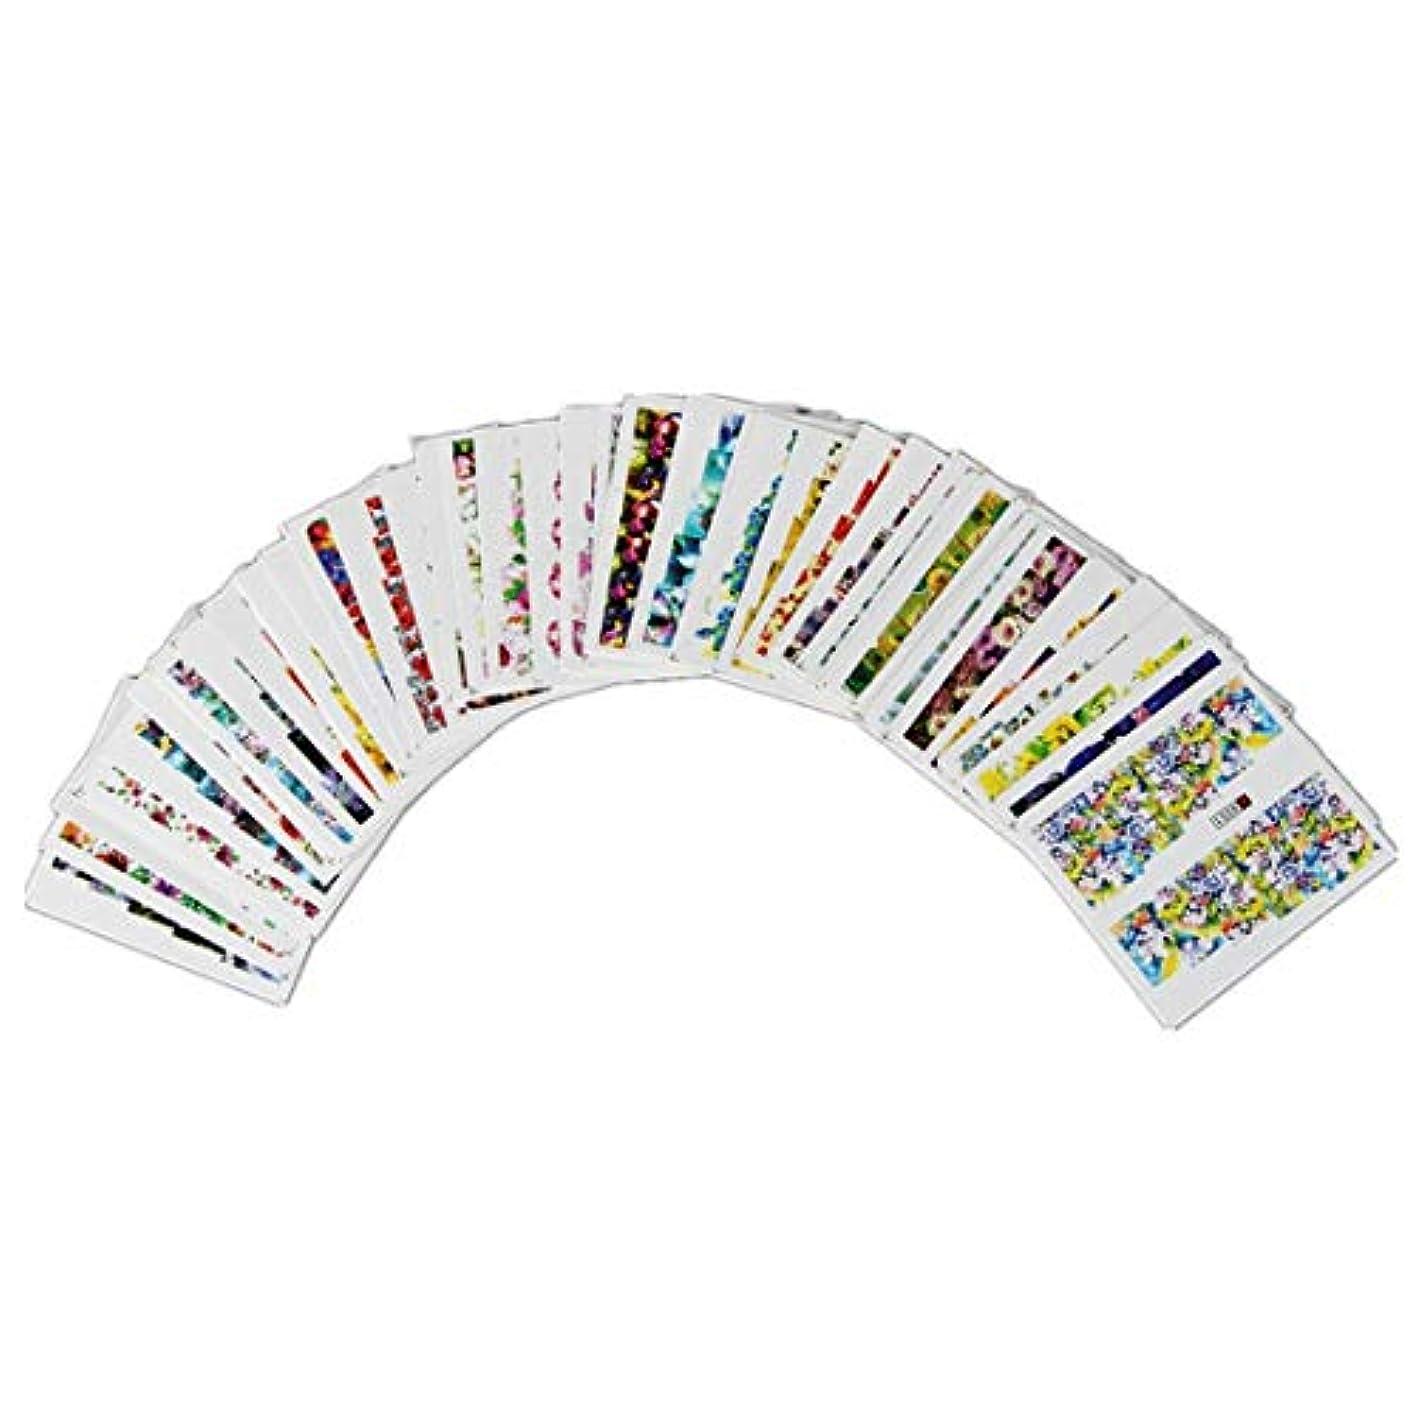 最も徹底的に細部Kerwinner 50枚ネイルステッカー盛り合わせパターン水転写花フラワーステッカーセット女性用爪の装飾ネイルデカールネイルアートアクセサリーマニキュアチャームヒント